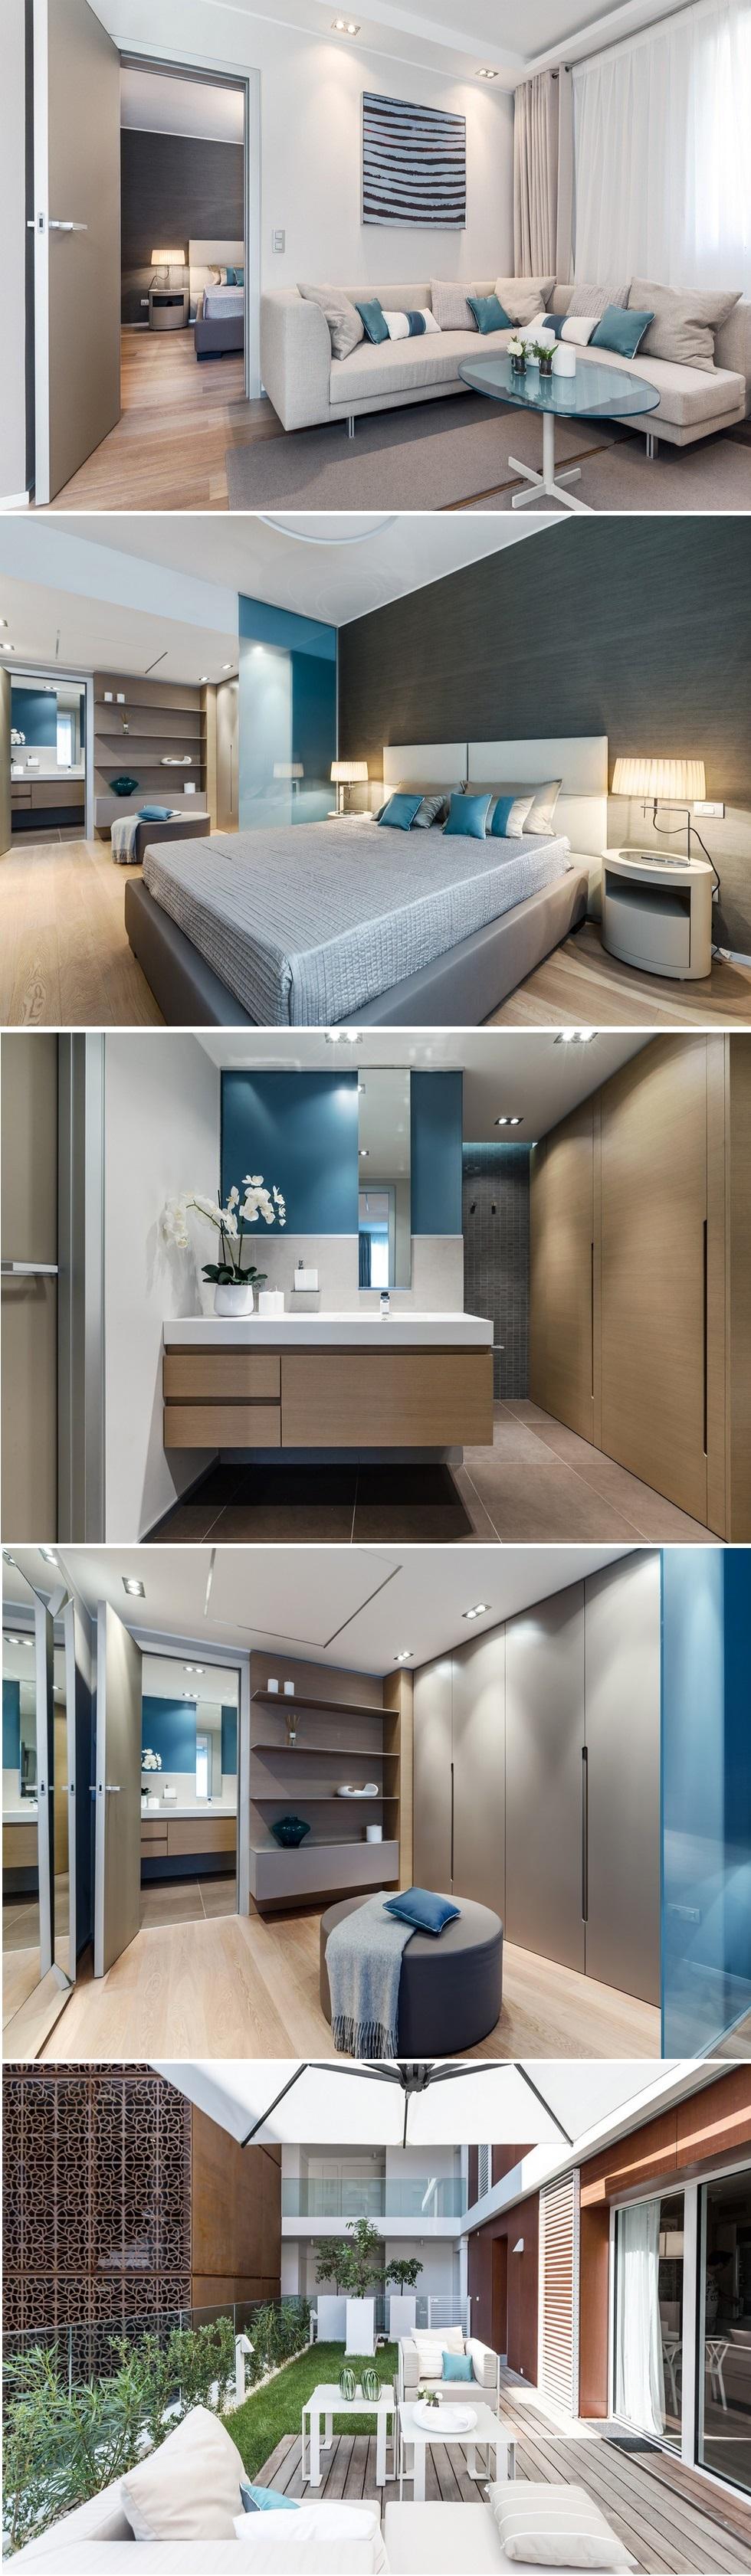 apartamento contemporâneo 3